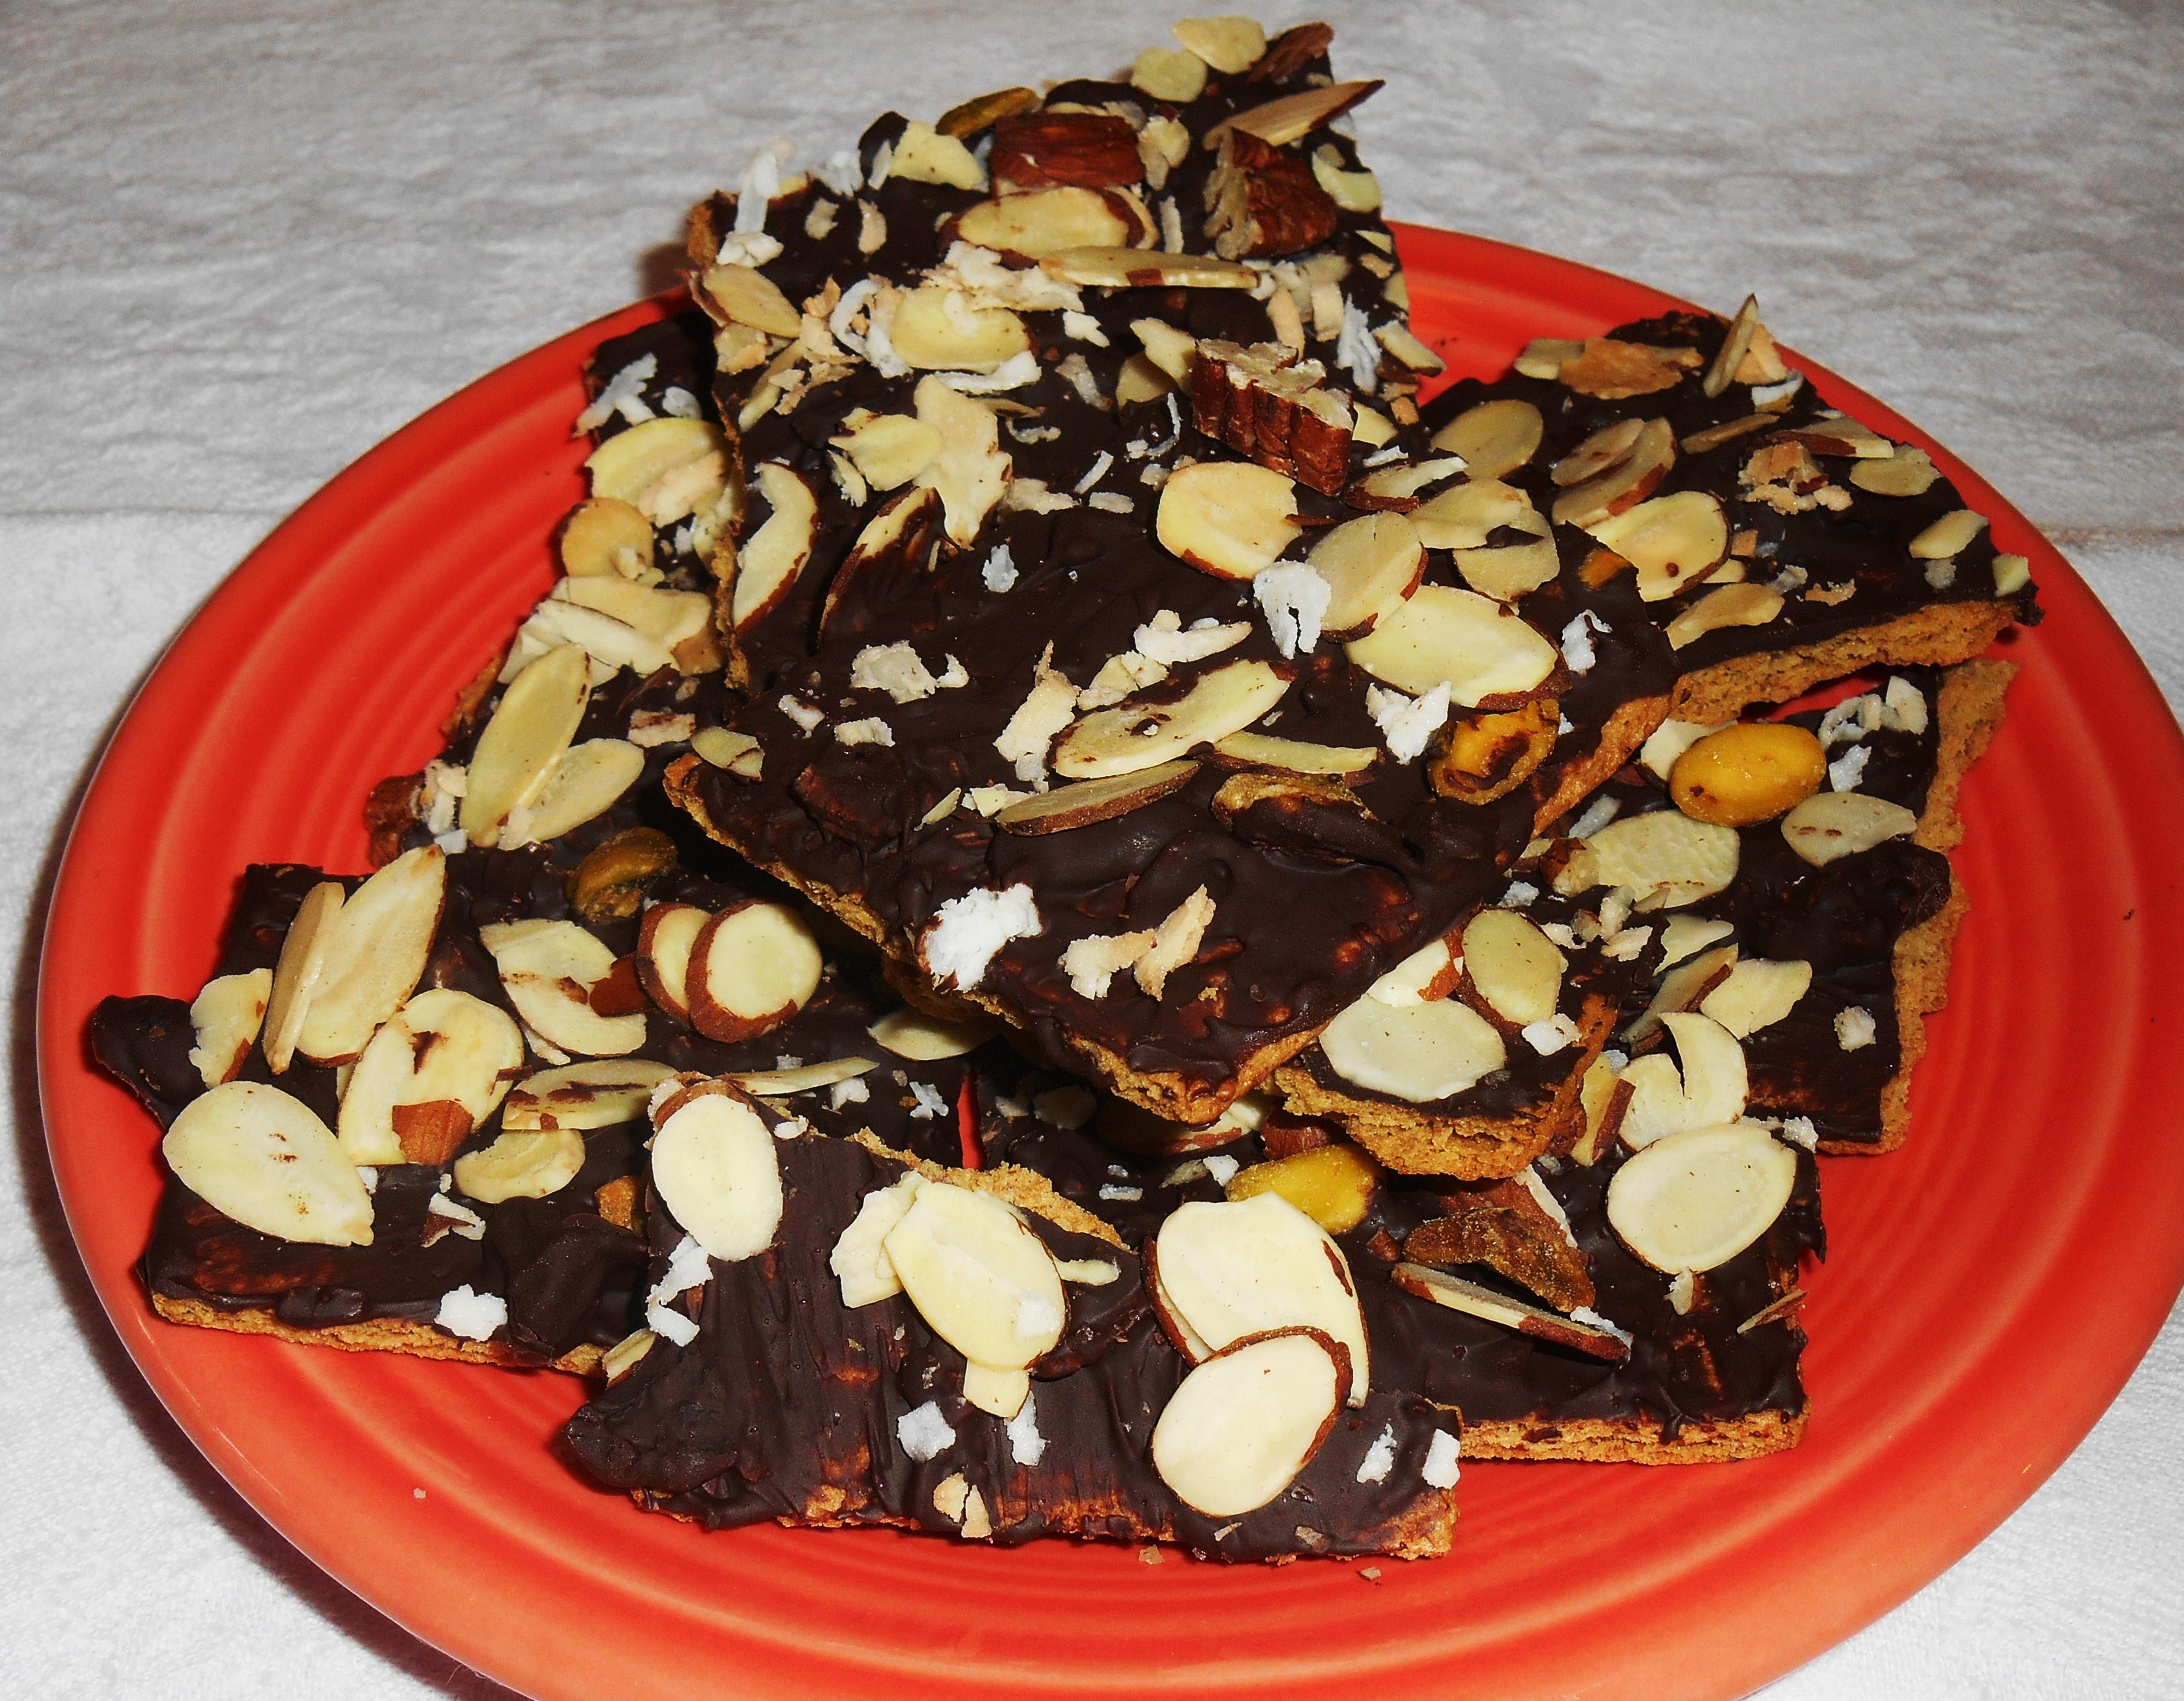 One word photo challenge: Chocolate | Forest Garden